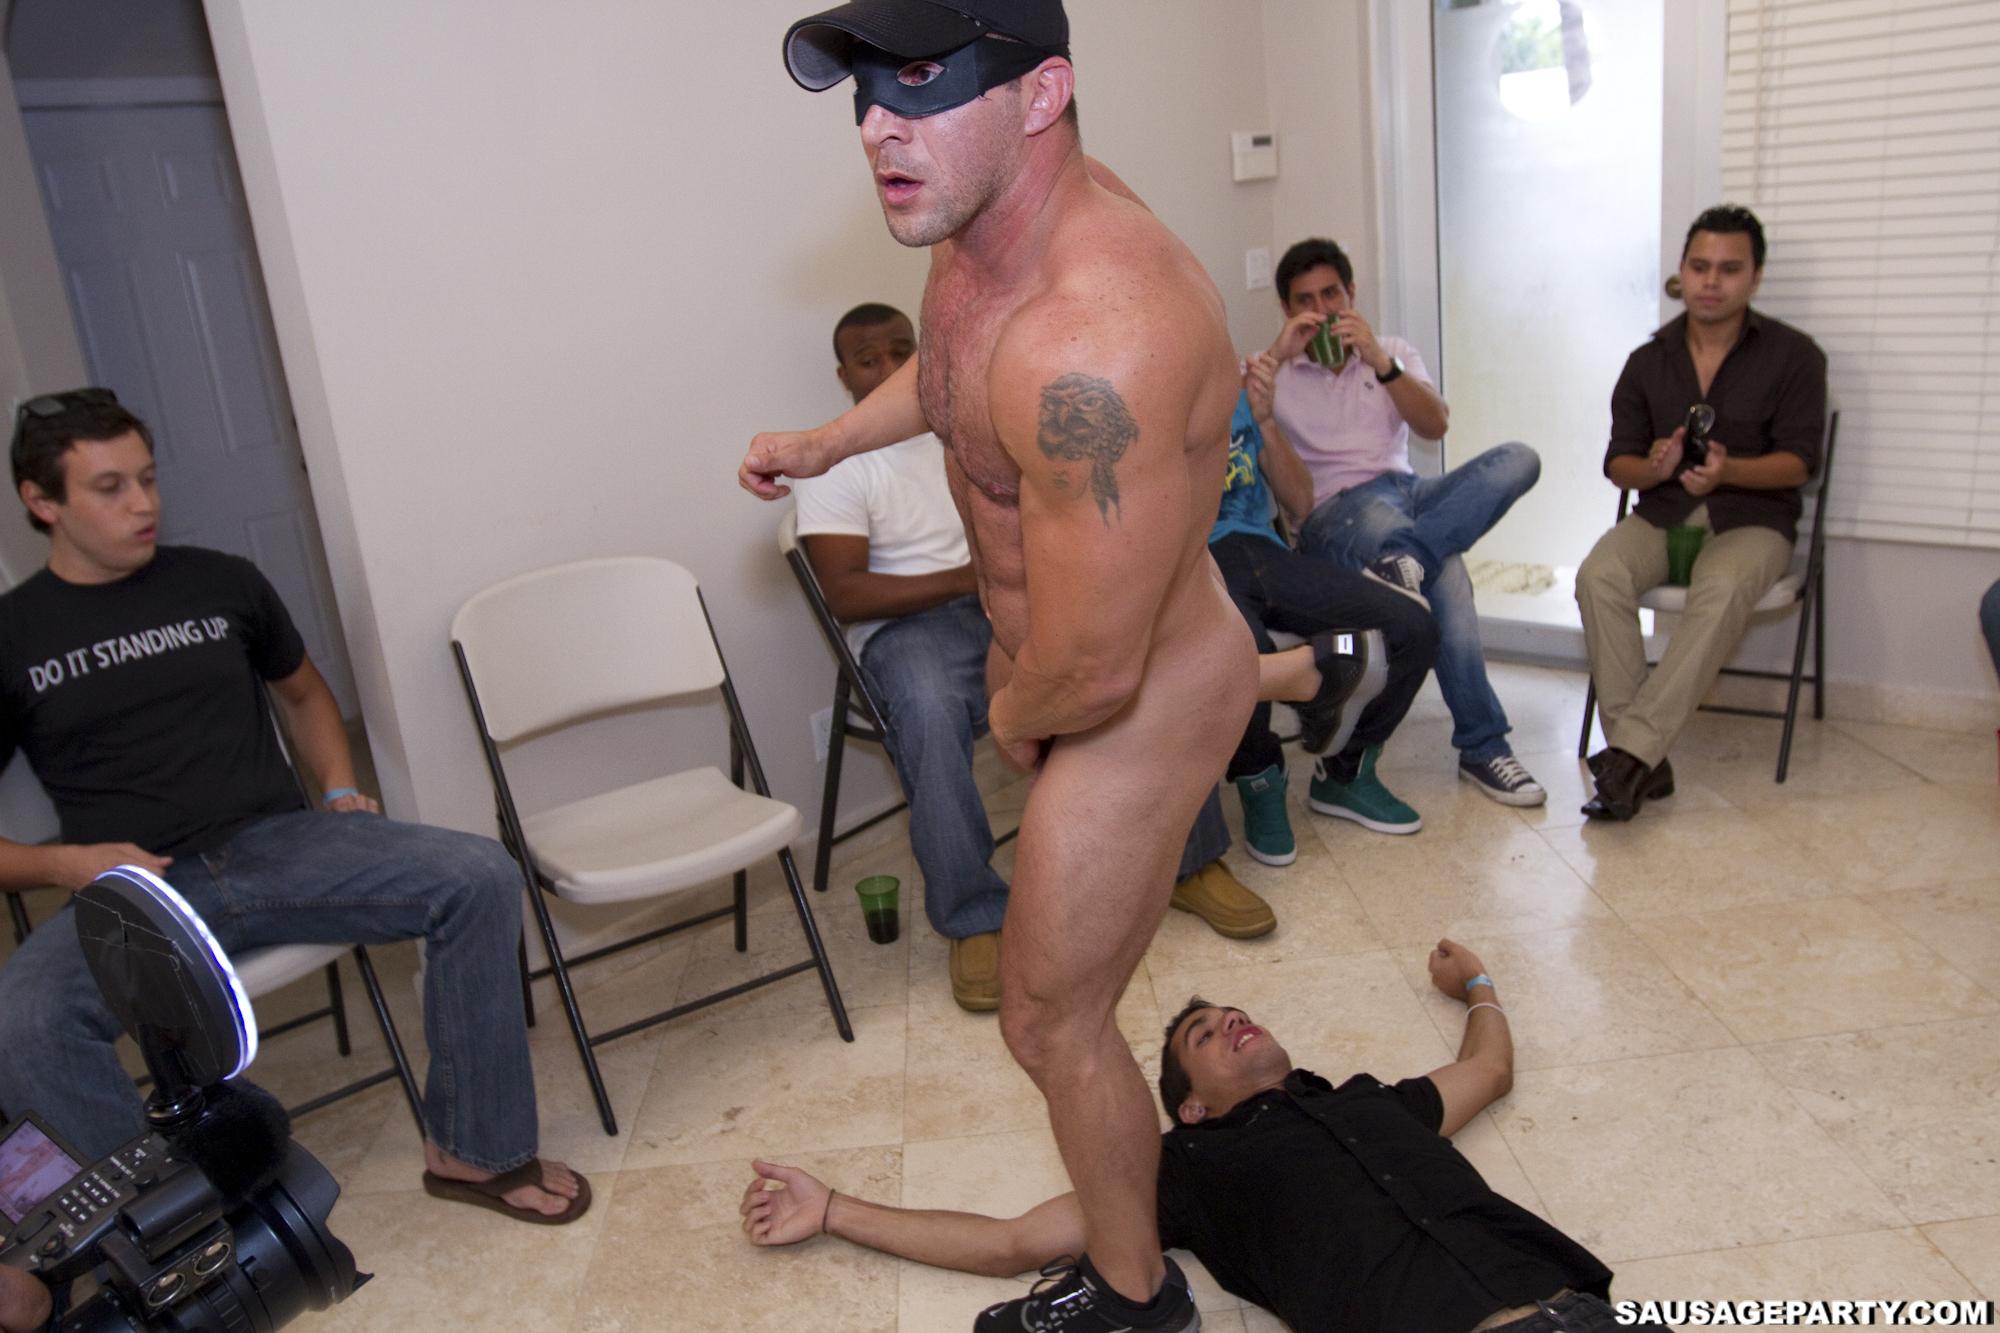 Pornstar sydnee steele